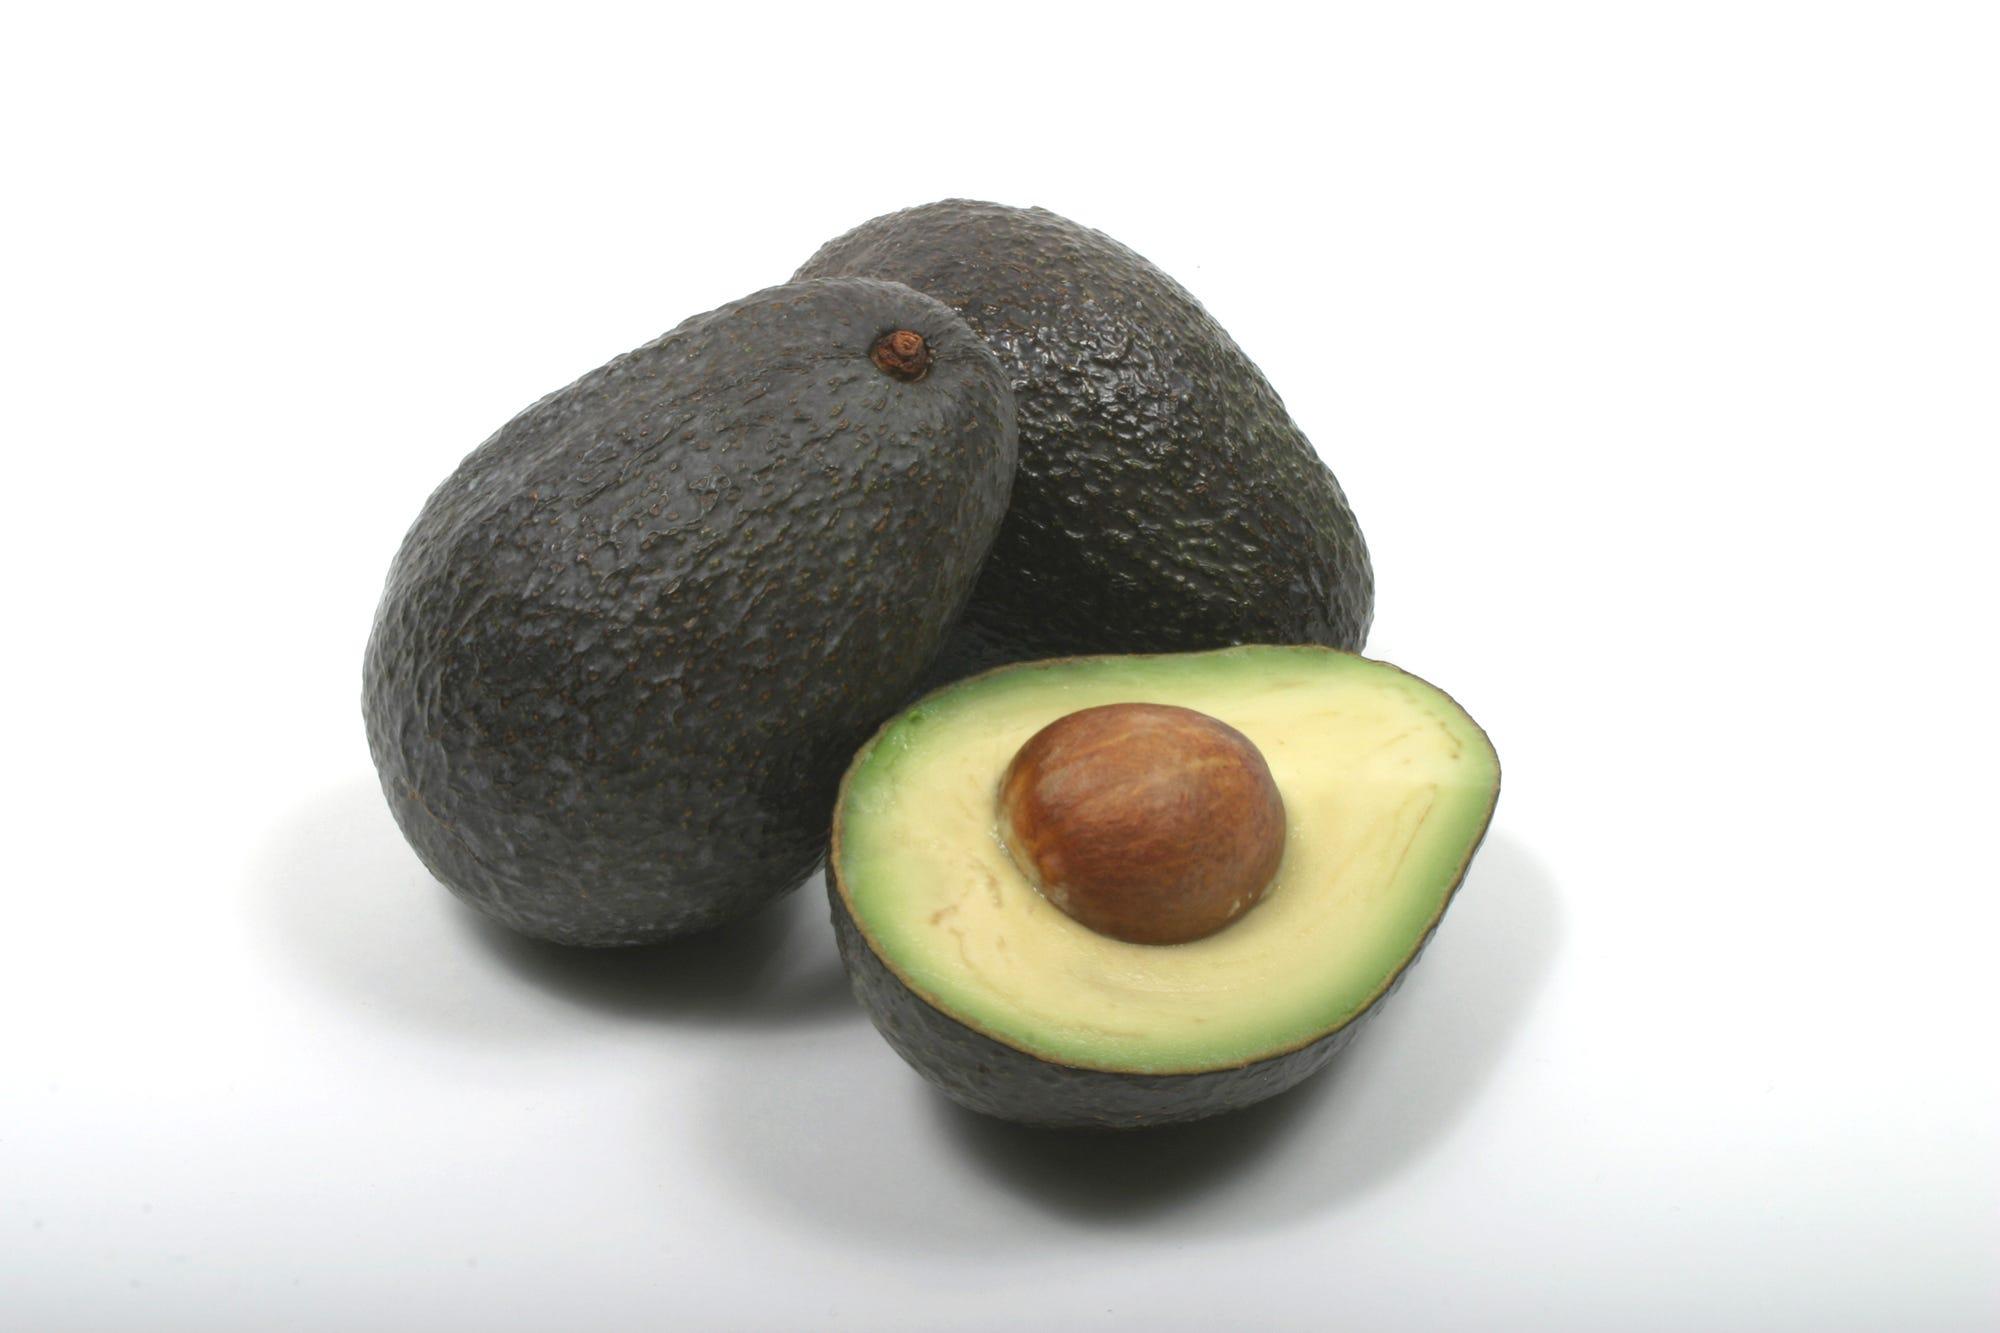 California company recalls avocados as precaution against listeria: Is your fruit safe?